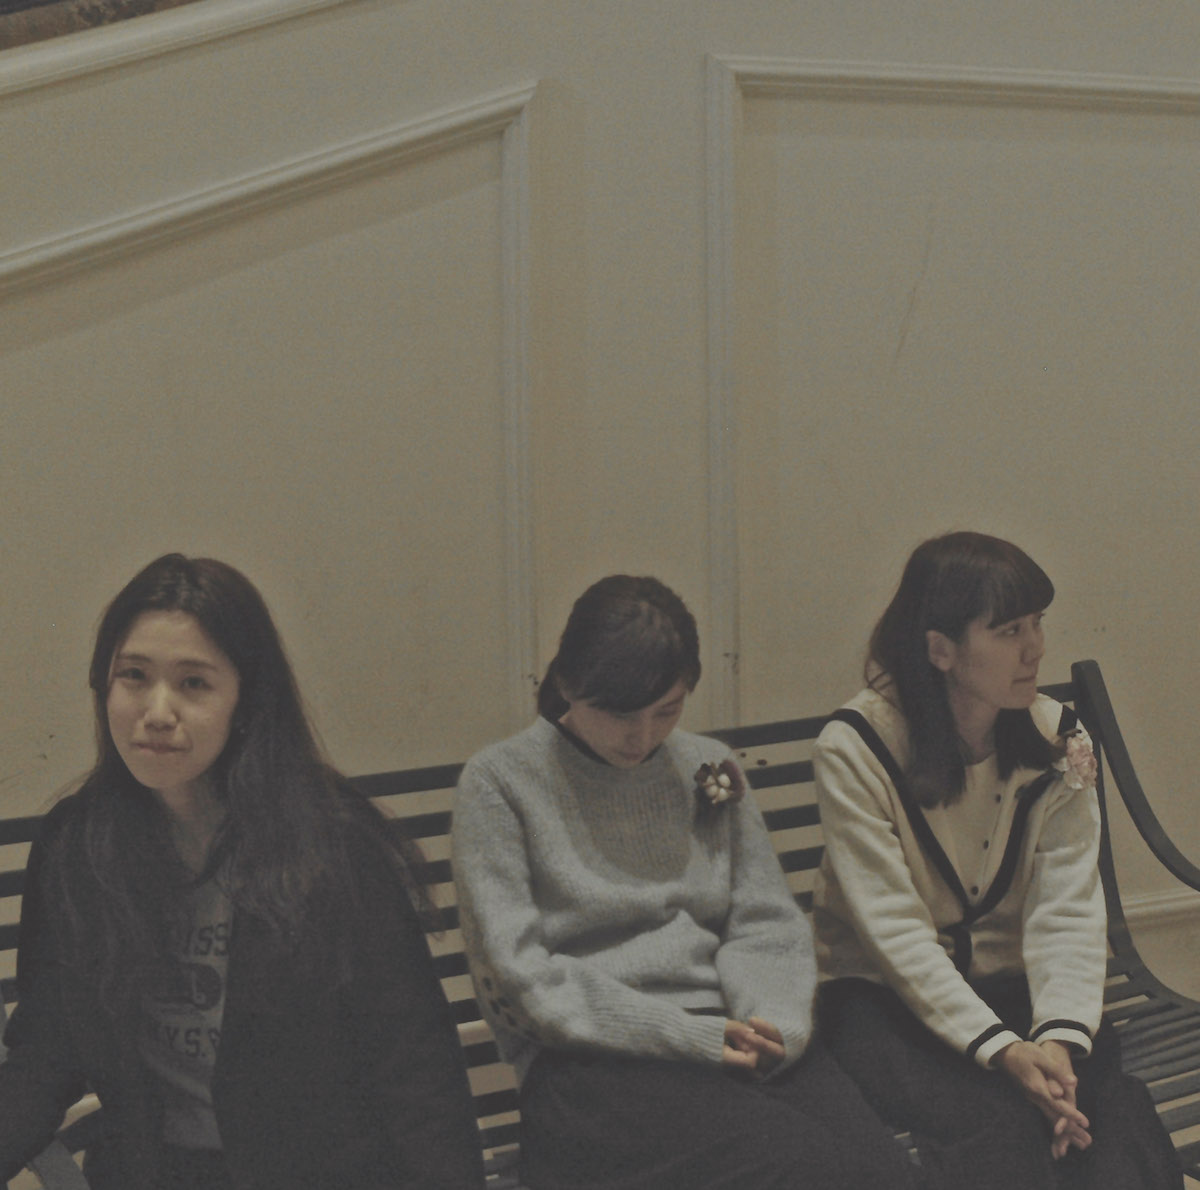 女の子3人組スリーピース・バンド、SaToAが待望の全国流通1stミニ・アルバムをリリース